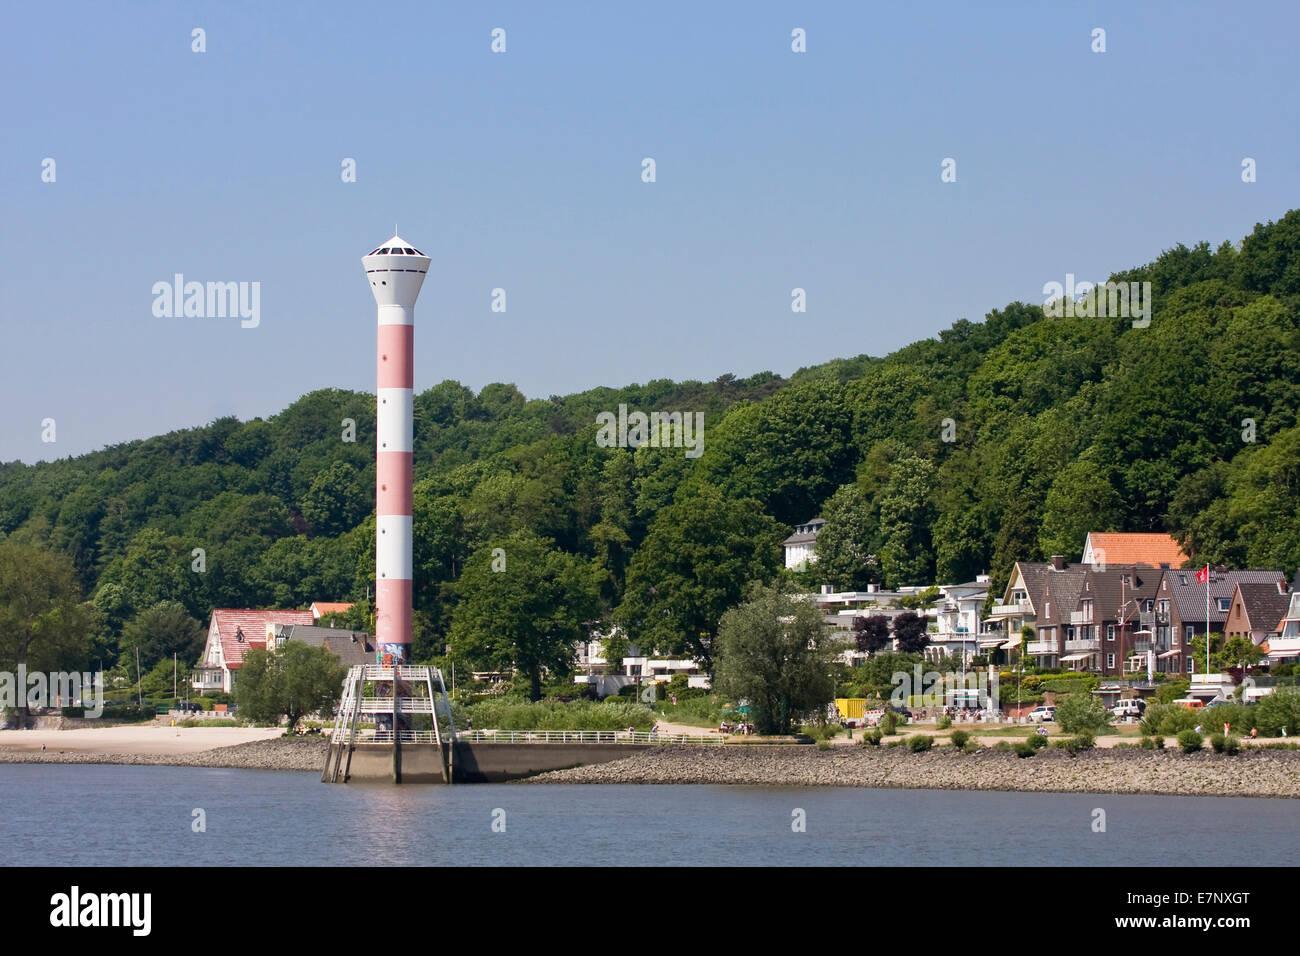 Blankenese, blue, FRG, federal republic, German, Germany, outside, Elbe, Elbufer, European, Europe, rivers, flows, Stock Photo